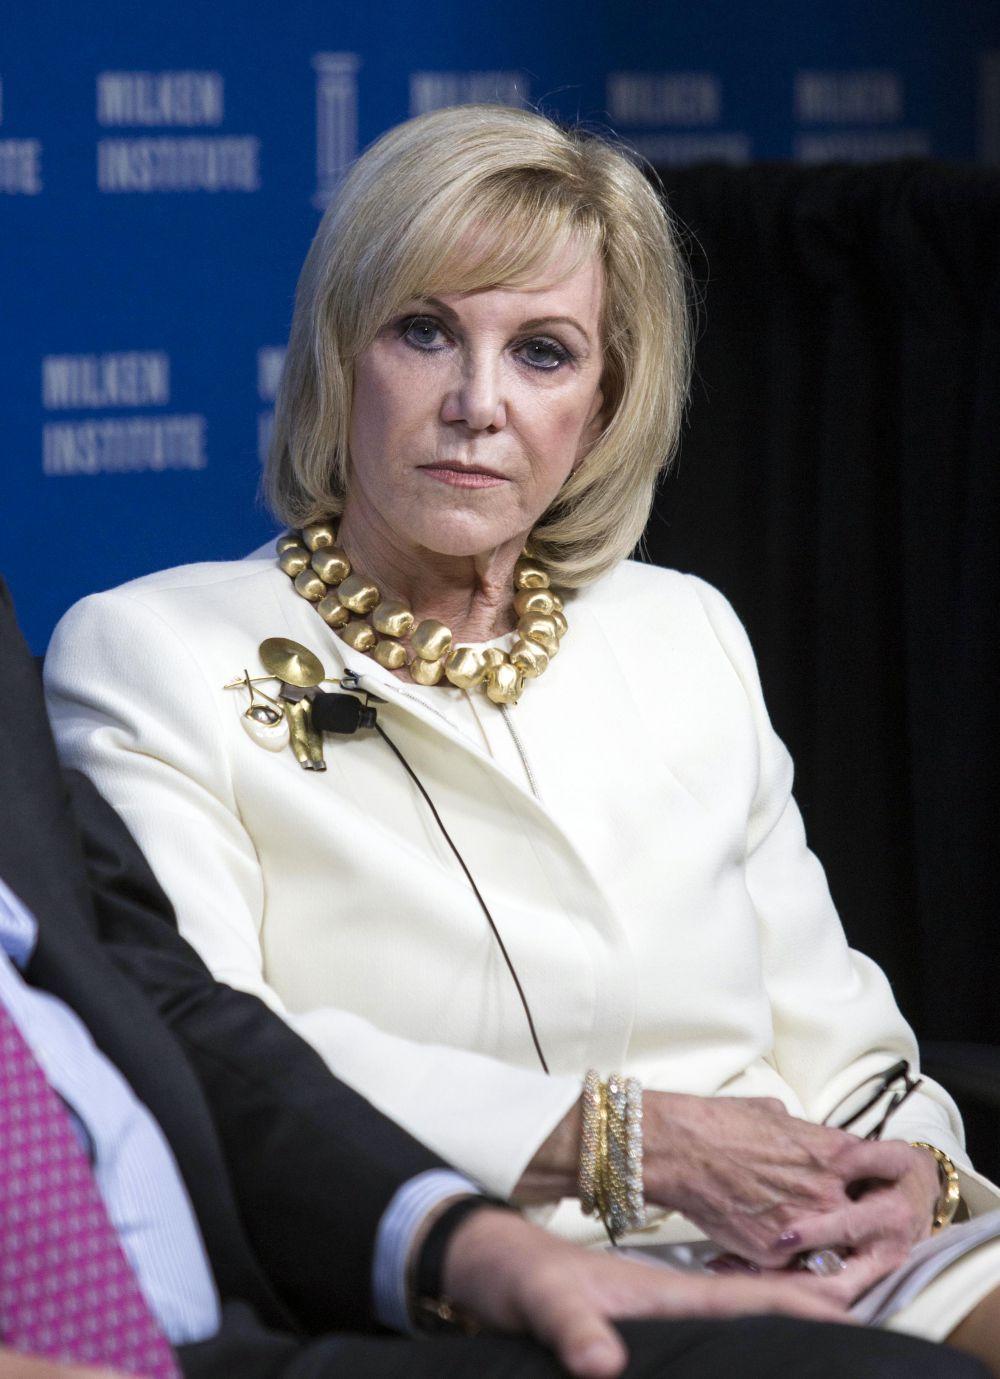 Элейн Винн познакомилась со своим будущим мужем еще в колледже, тогда же и поженились, а через 23 года, в 1986 году, развелись. Но лишь для того, чтобы спустя пять лет вступить в брак во второй раз. В 2010 году они развелись уже «окончательно». Ее отступные по итогам развода составили $750 млн. При этом Элейн всегда активно участвовала в бизнесе мужа. За счет роста котировок развлекательной и игорной империи Wynn Resorts в 2014 году она переместилась с 842-й на 676-ю строчку мирового рейтинга Forbes с состоянием $2,6 млрд.